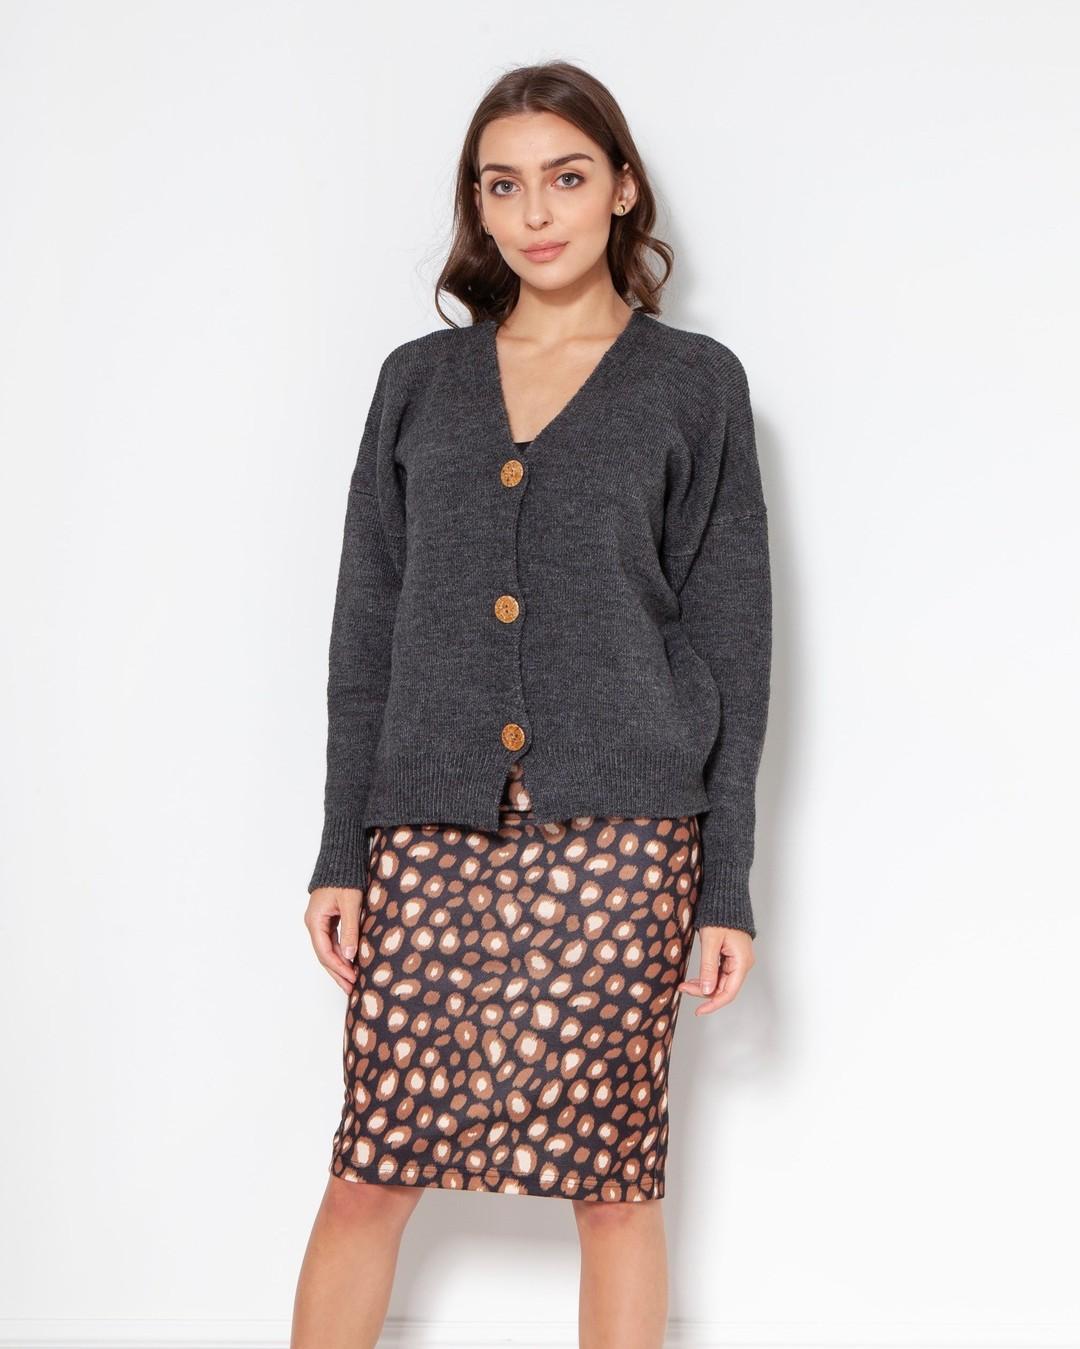 Prosta, minimalistyczna góra + odważny dół? Dlaczego nie! Nasze ubrania mają tę magiczną właściwość, że możesz je ze sobą łączyć na nieskończenie wiele sposobów i nadal wyglądać świetnie. Nigdy więcej sytuacji, gdy kupujesz nową rzecz i potem jej nie nosisz, bo nie pasuje do reszty twojej garderoby. #spódnica #spodnica #spódnicaołówkowa #spódnicawpanterkę #leopardskirt #leopardprint #sweter #swetry #sweater #polskieswetry #autumnstyle #swetrymadeinpoland #sweterwwarkocze #sweternajesień #sweternazimę #sweterdobiura #sweterdopracy #sweternarandke #sweterek #sweaterweather #autumnstyles #1927 #1986